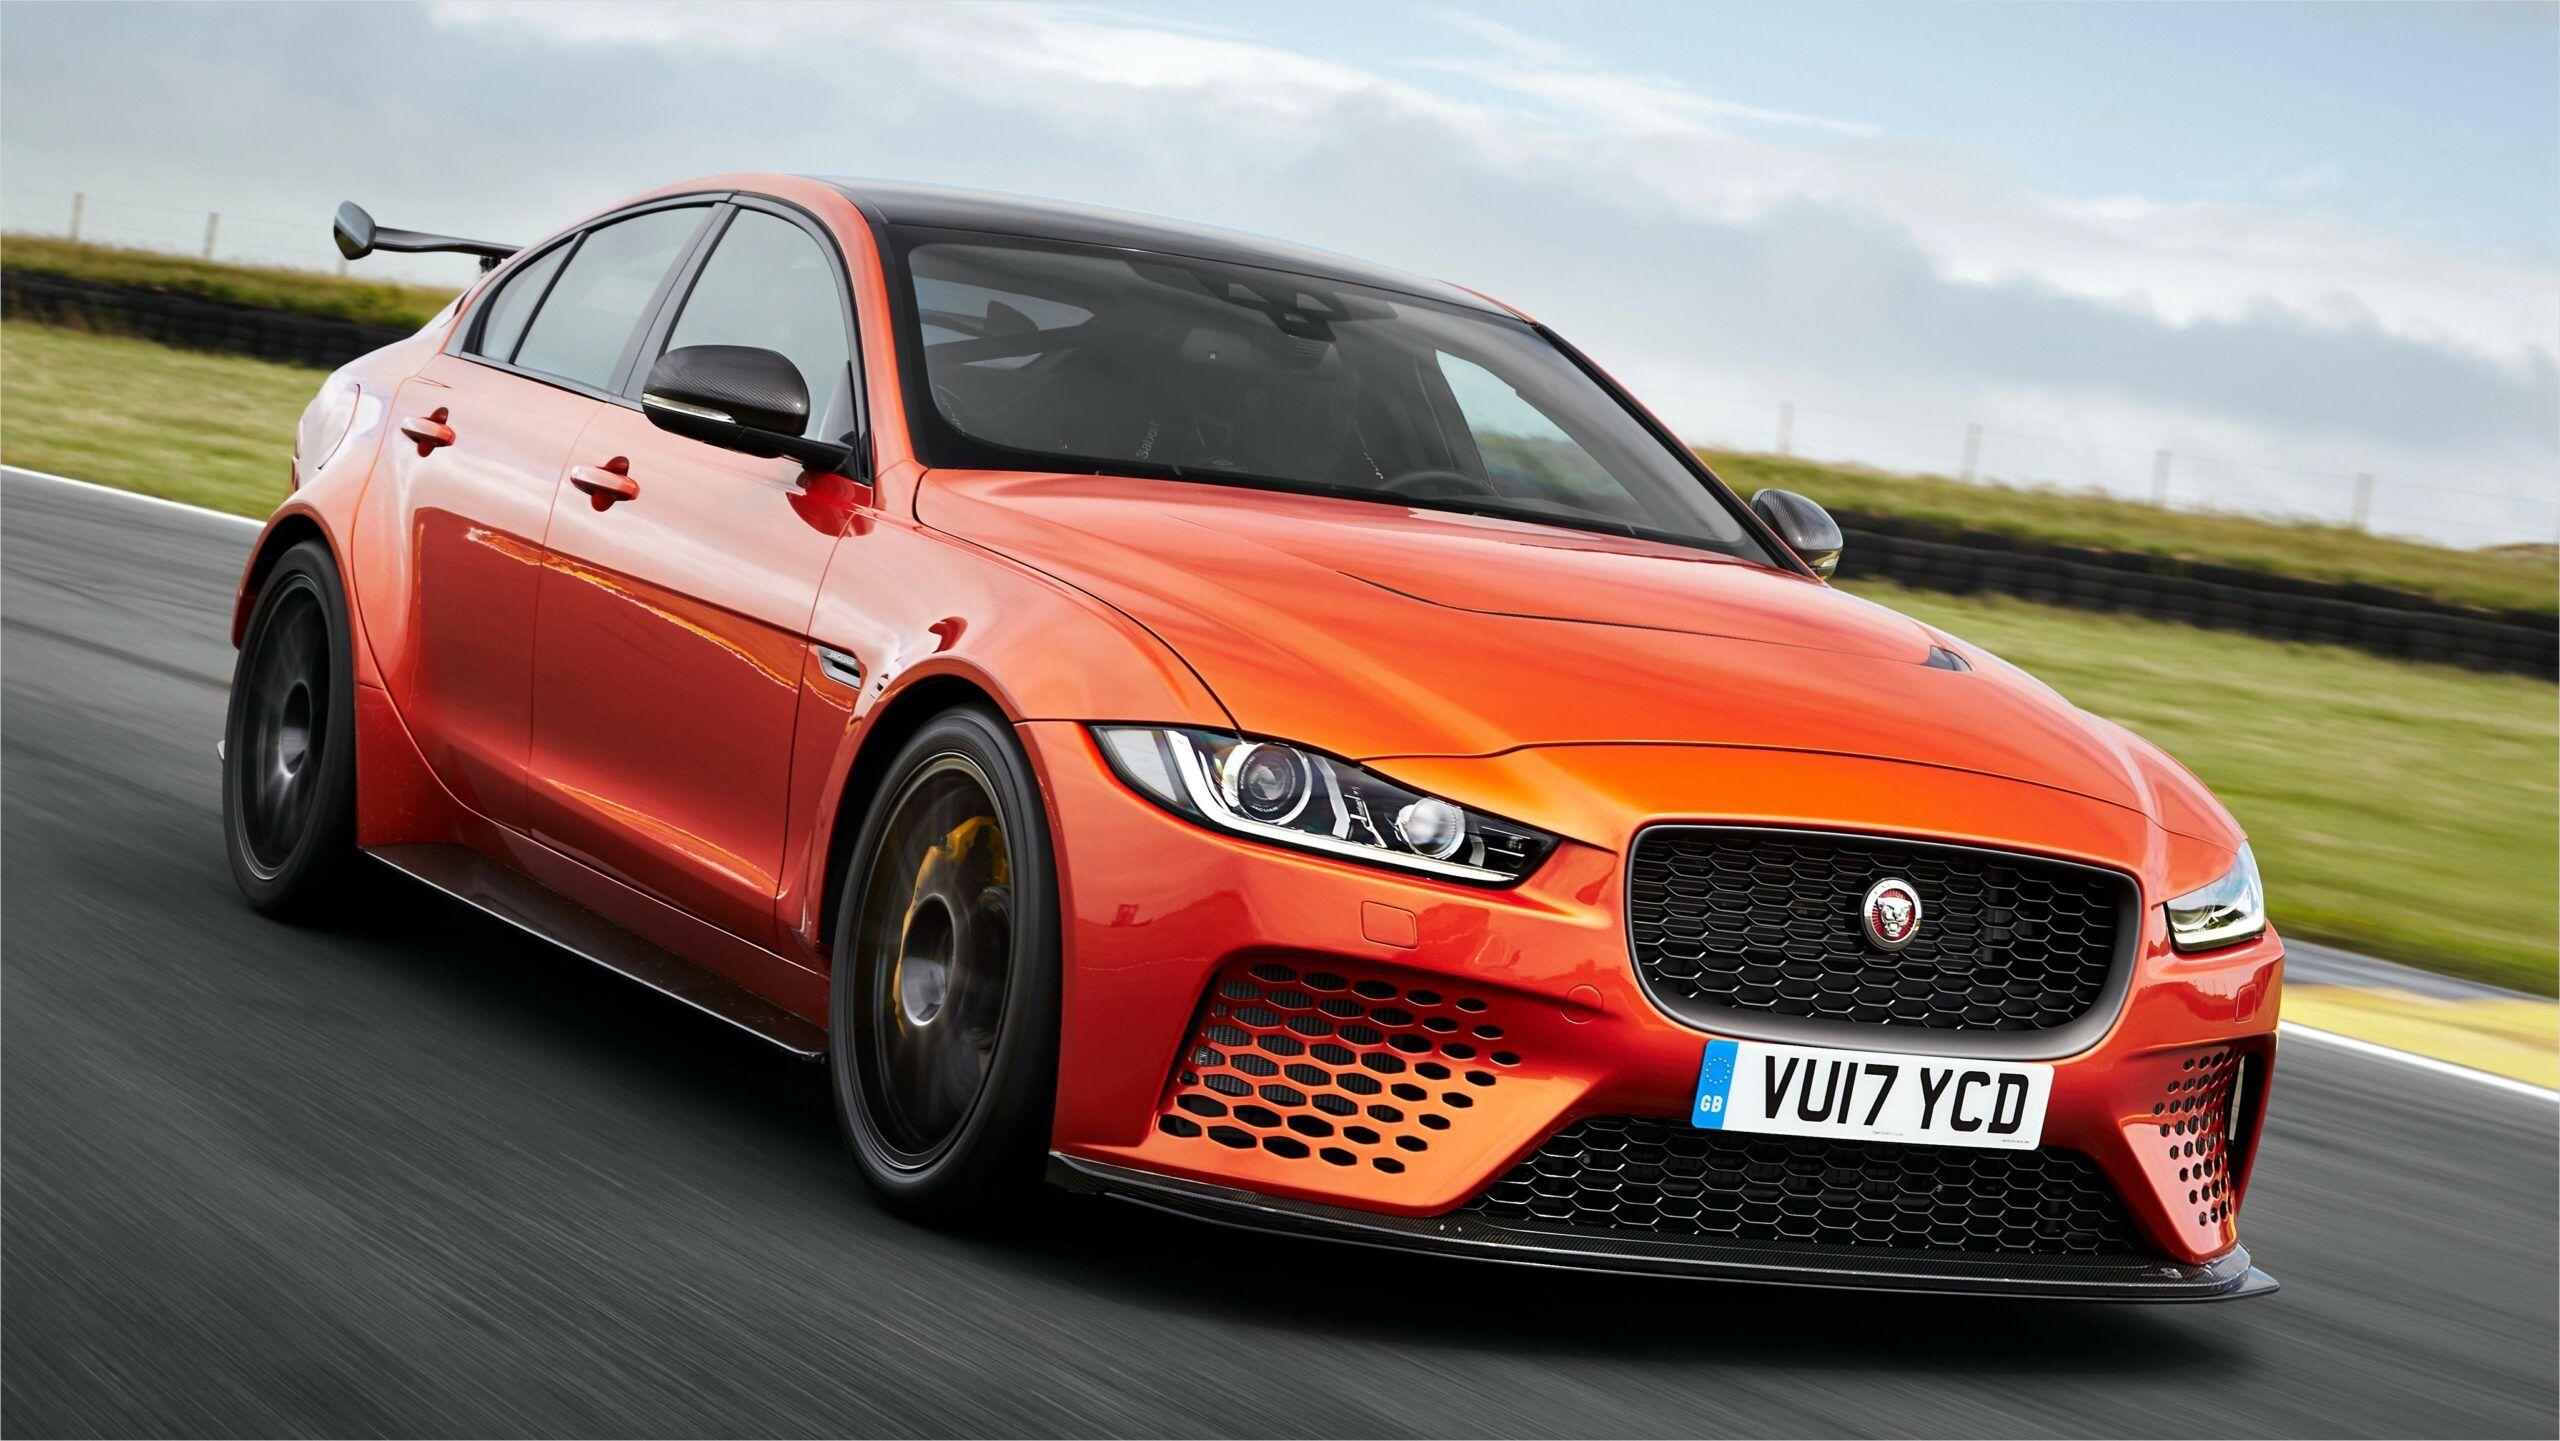 4k Wallpaper Jaguar Car In 2020 With Images Jaguar Car